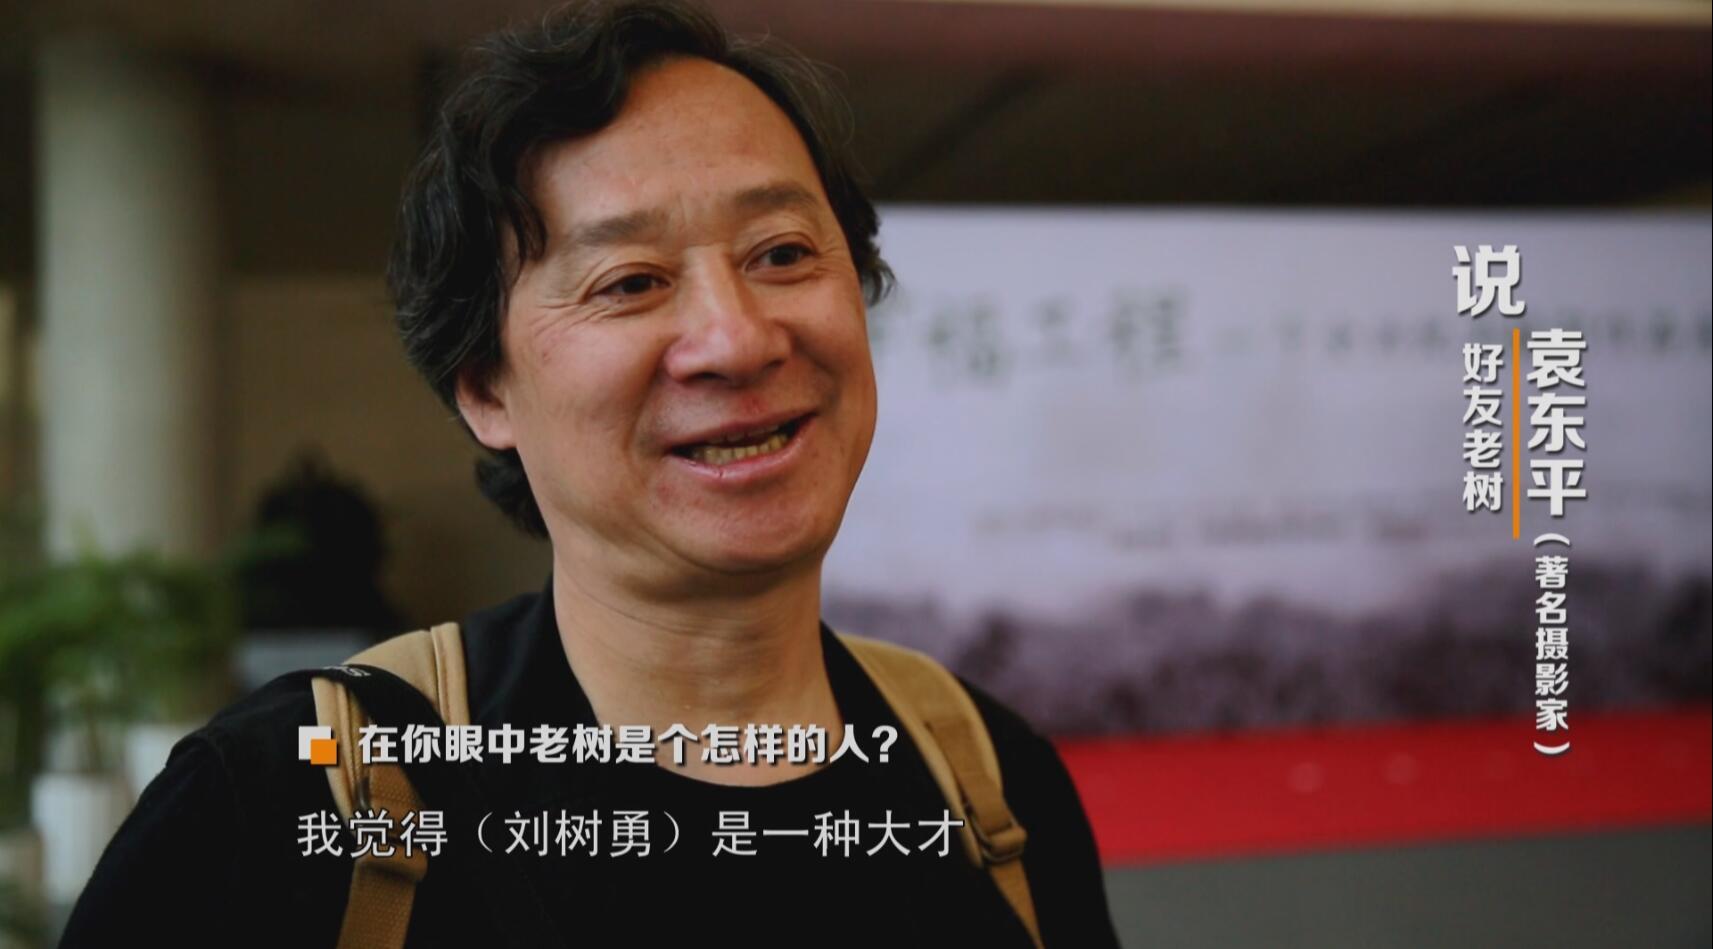 花絮 | 著名摄影家袁东平说好友老树